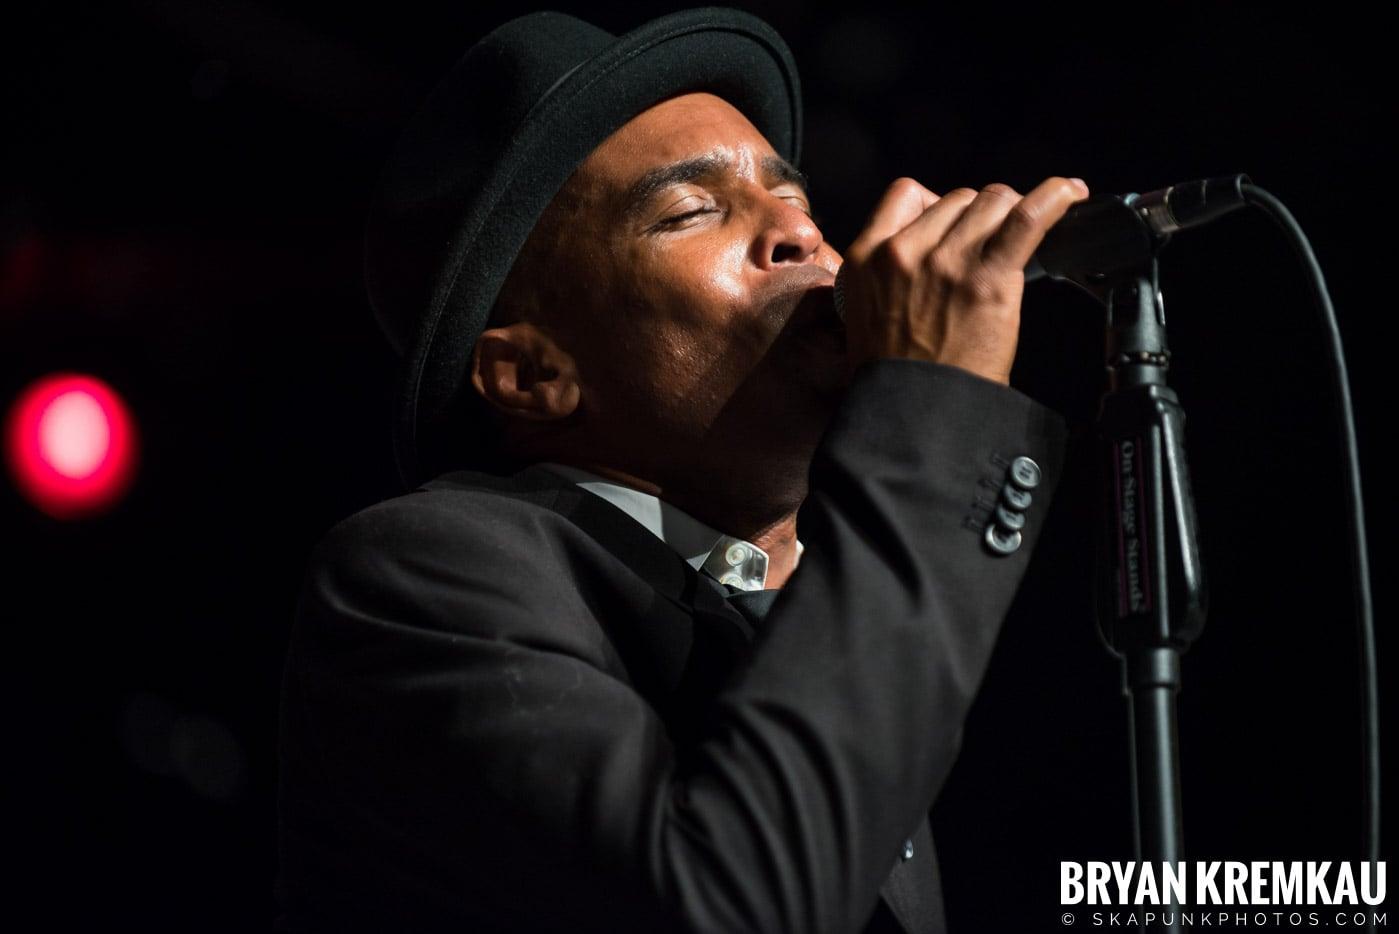 Rude Boy George @ Oskar Schindler Performing Arts Center, West Orange, NJ - 8.19.17 (36)